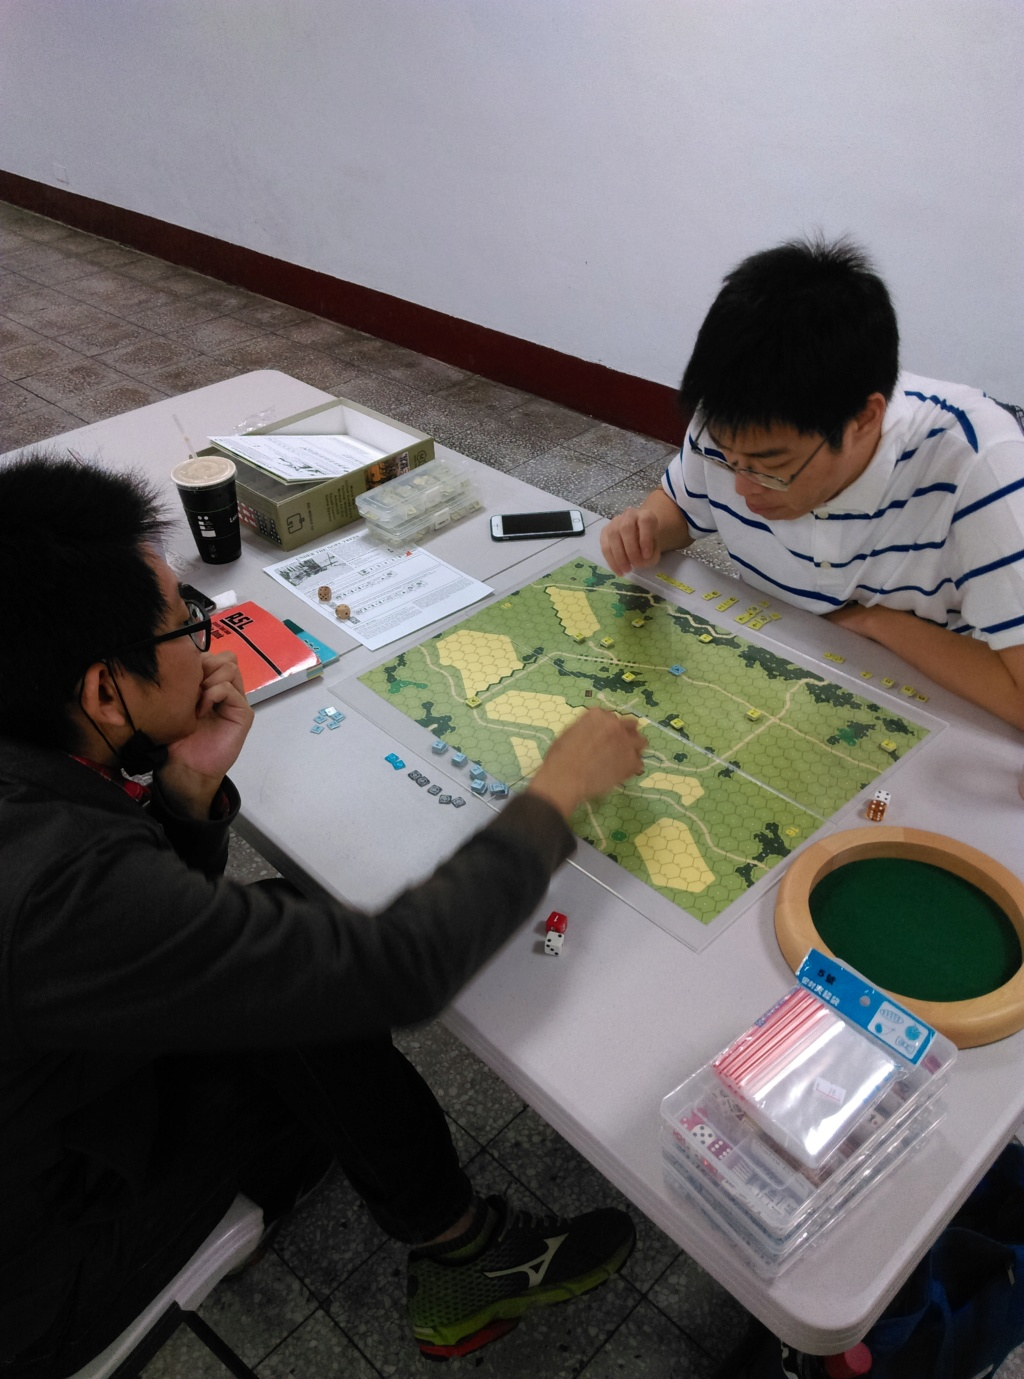 ASL Meeting at Gongguang (N.T.U.) ASL-023, FT-198, ASL-179, and ASL-162 Asl-0210